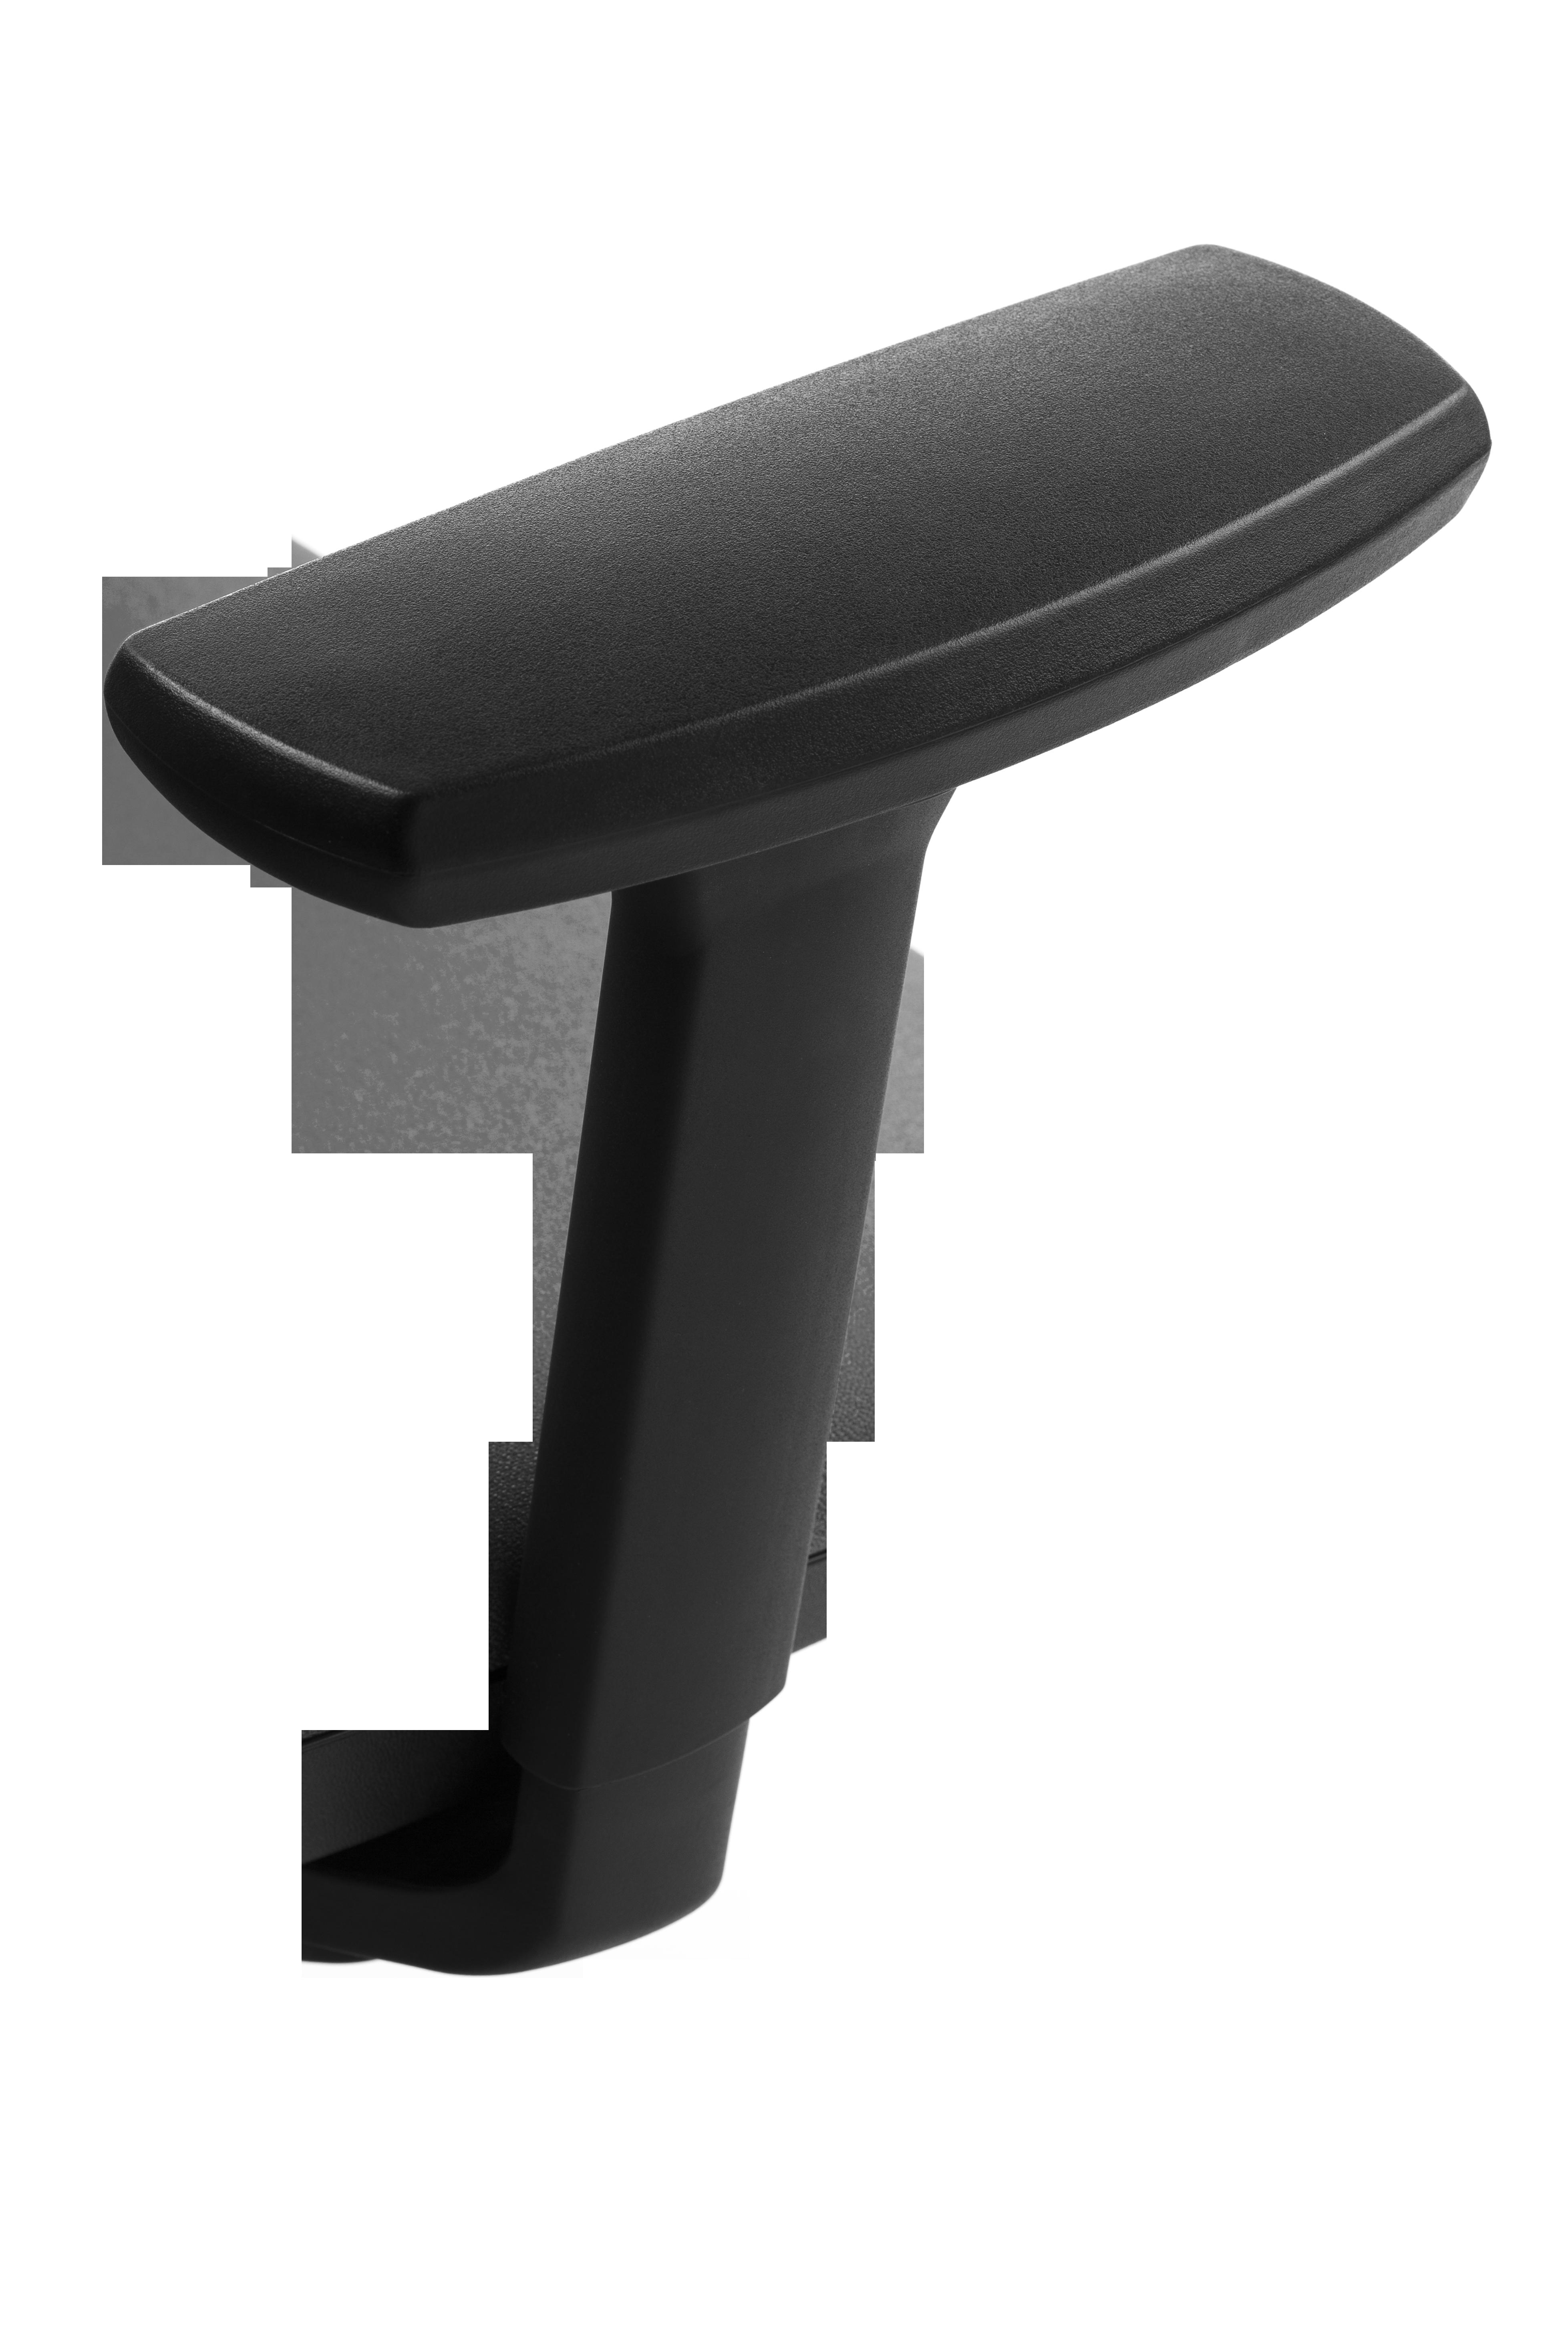 Paire d'accoudoirs réglables 4D pour fauteuil ATIKA - Noir